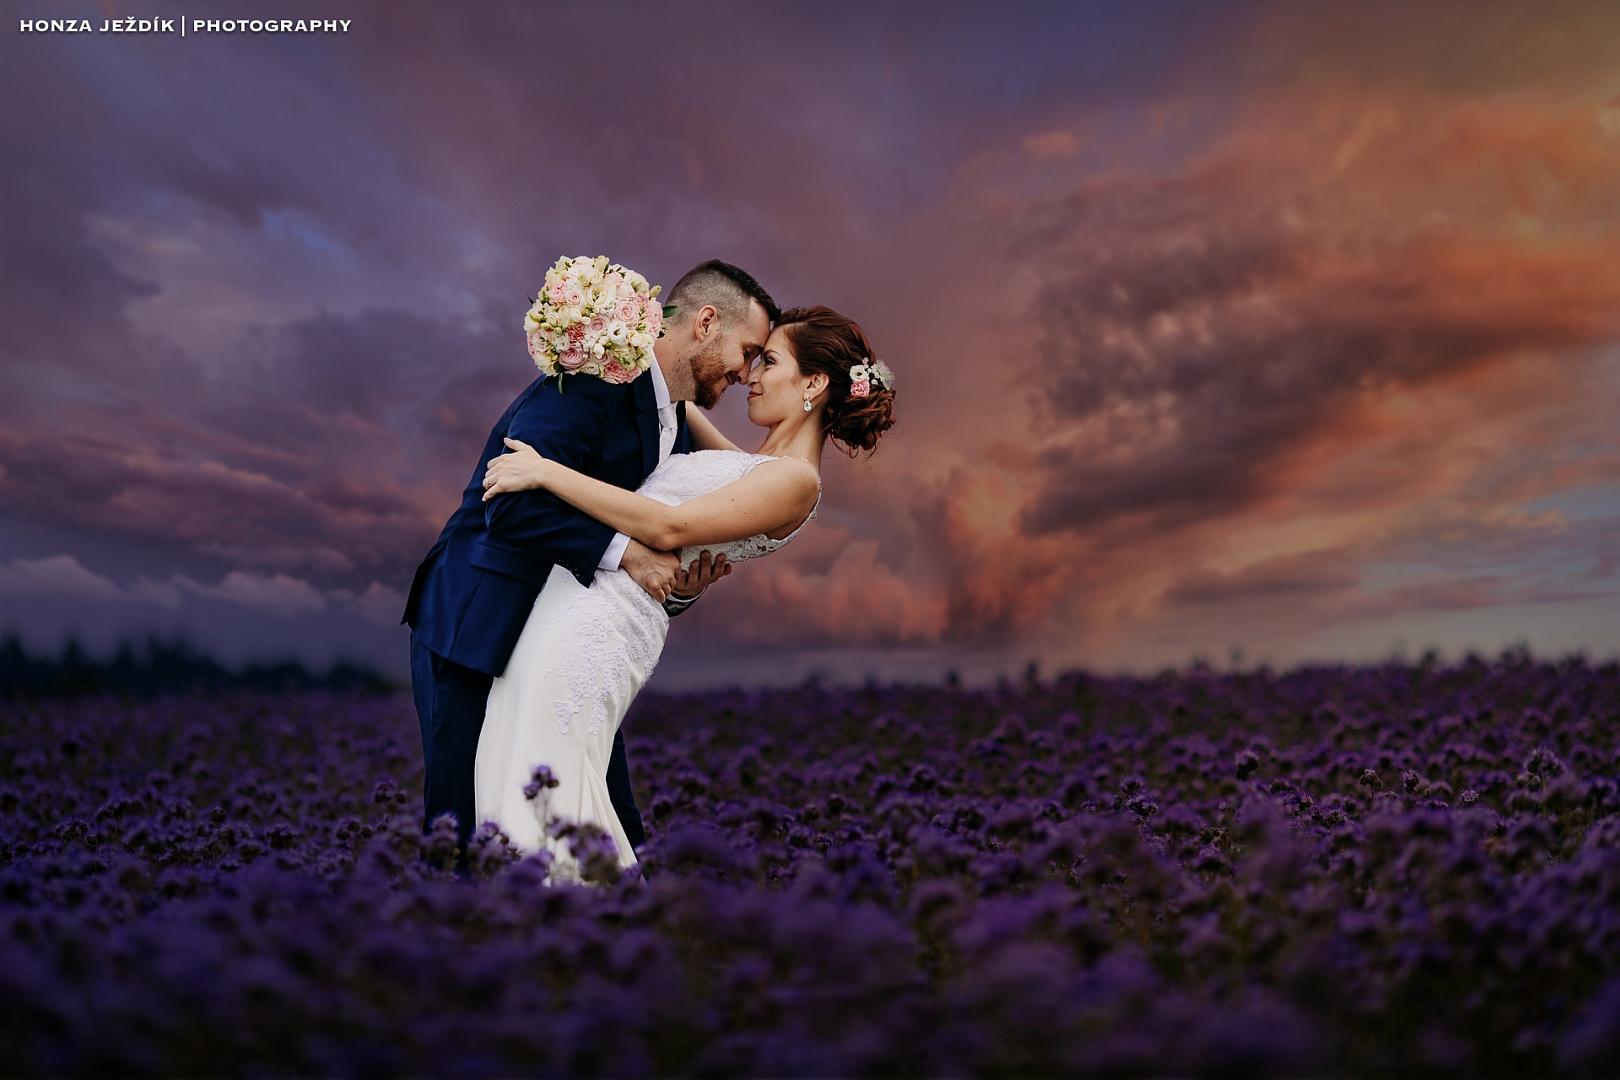 Svatba Nikola + Petr | Nové Město nad Metují